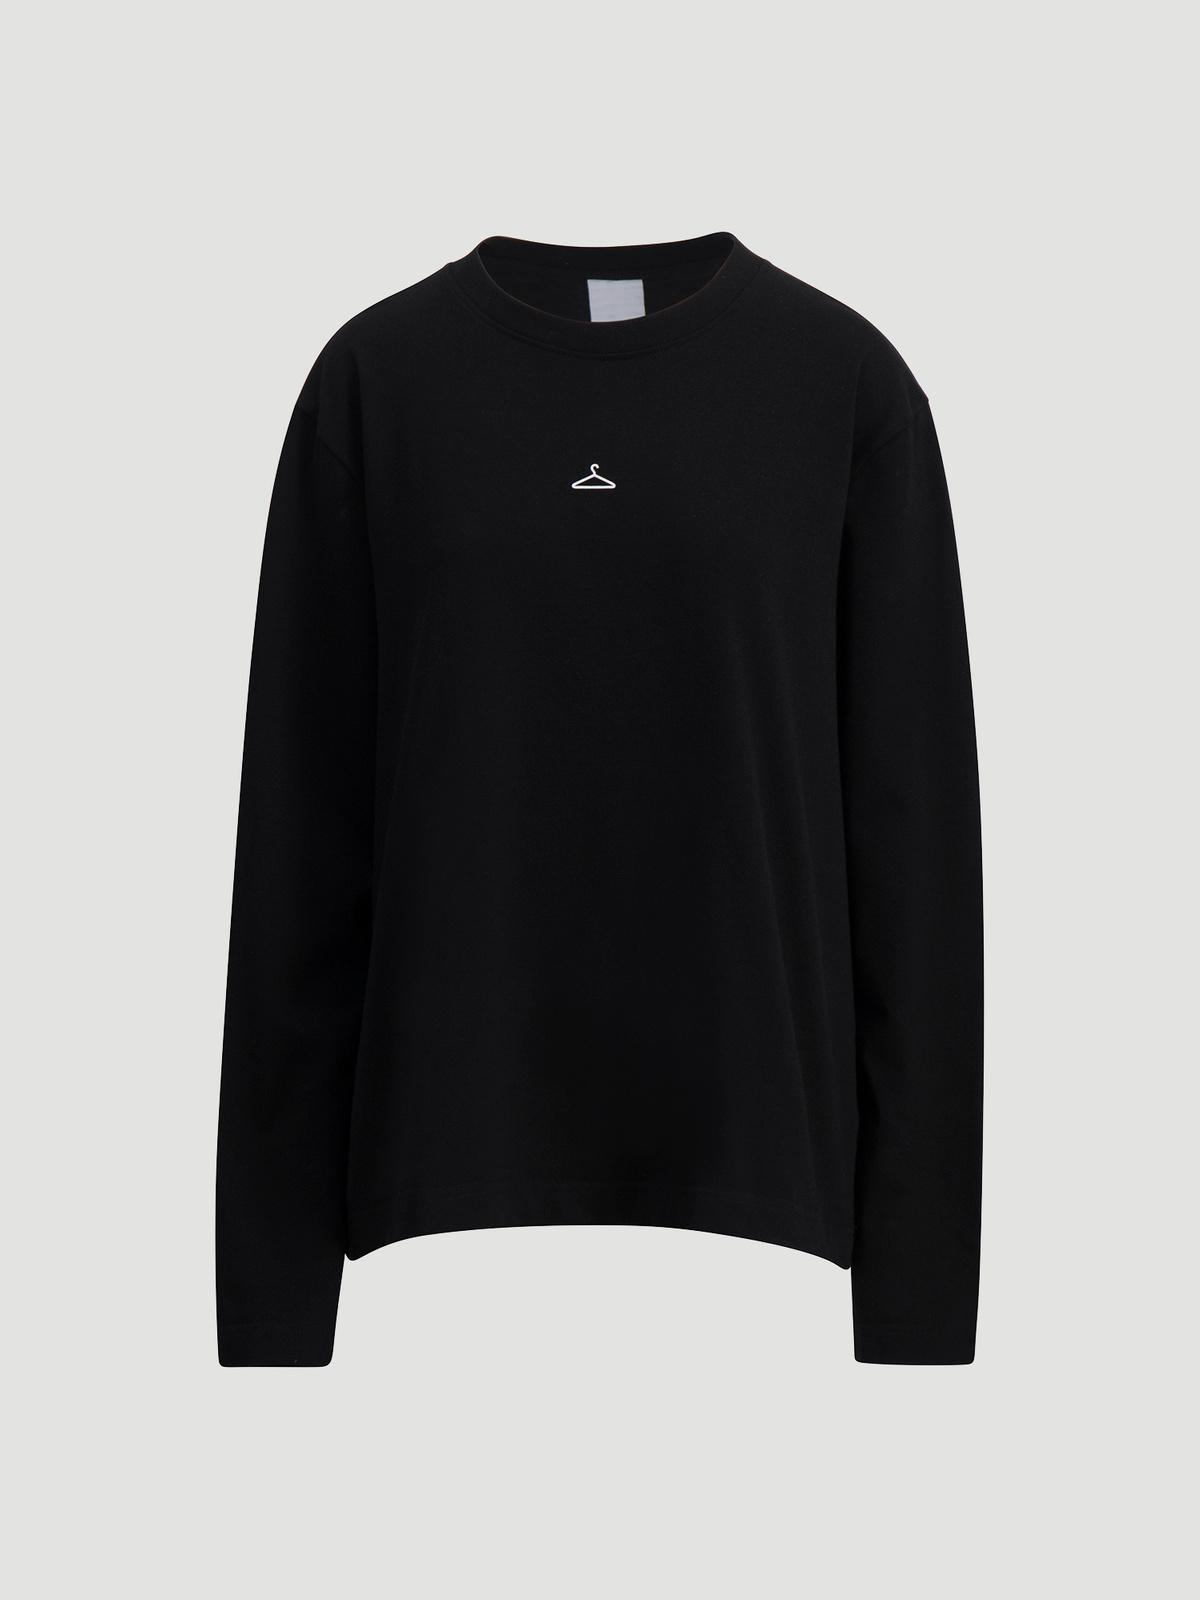 Hanger Longsleeve Black 1